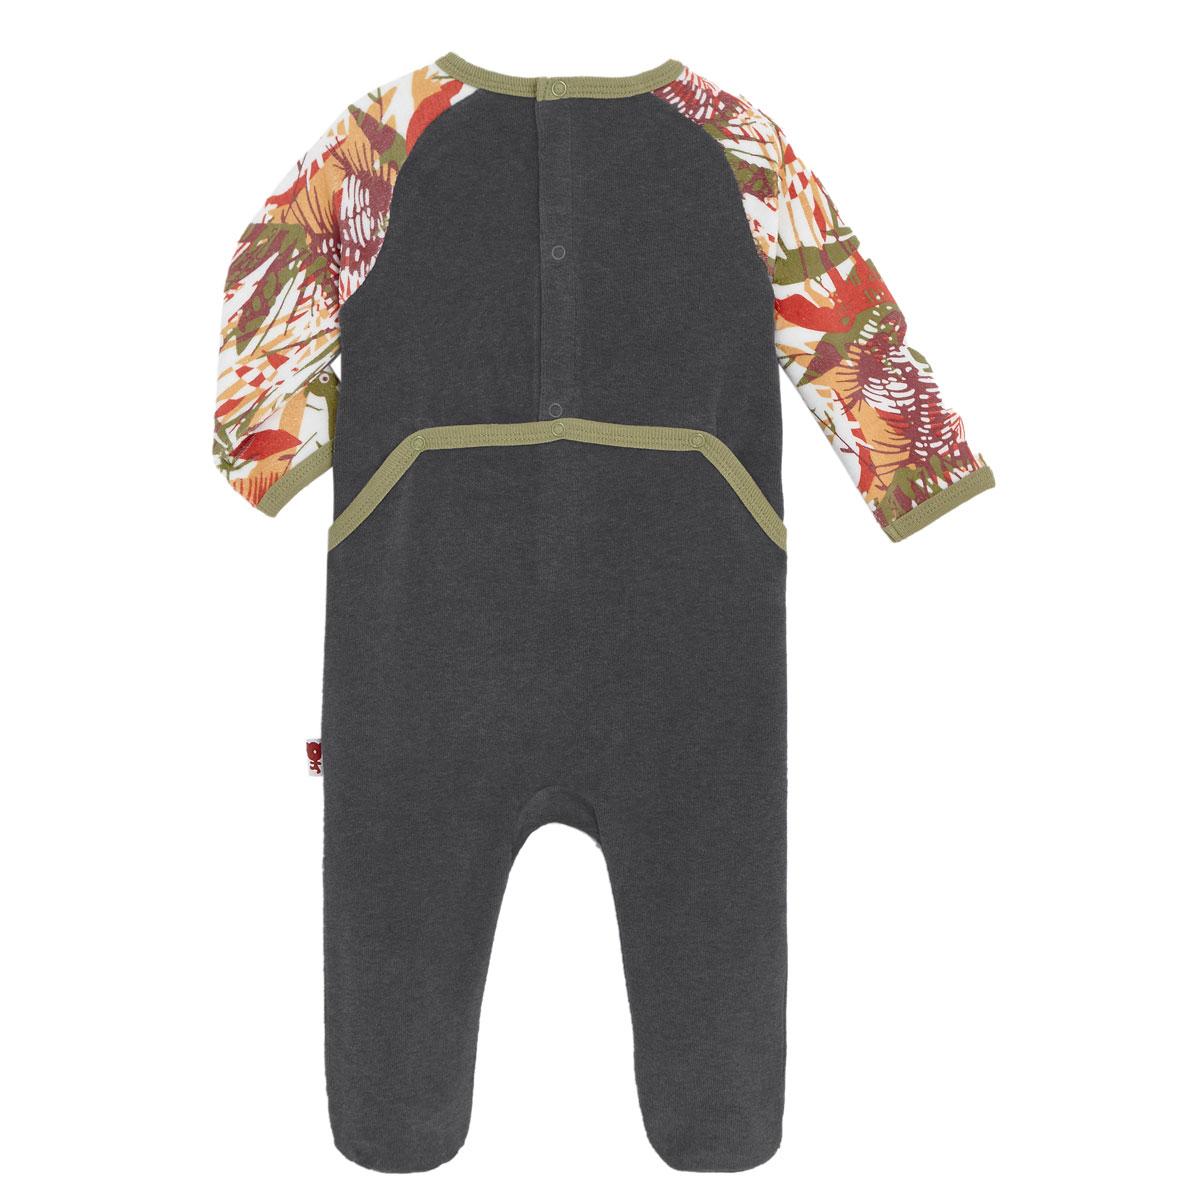 Pyjama bébé en velours contenant du coton bio Baby Jumpy dos